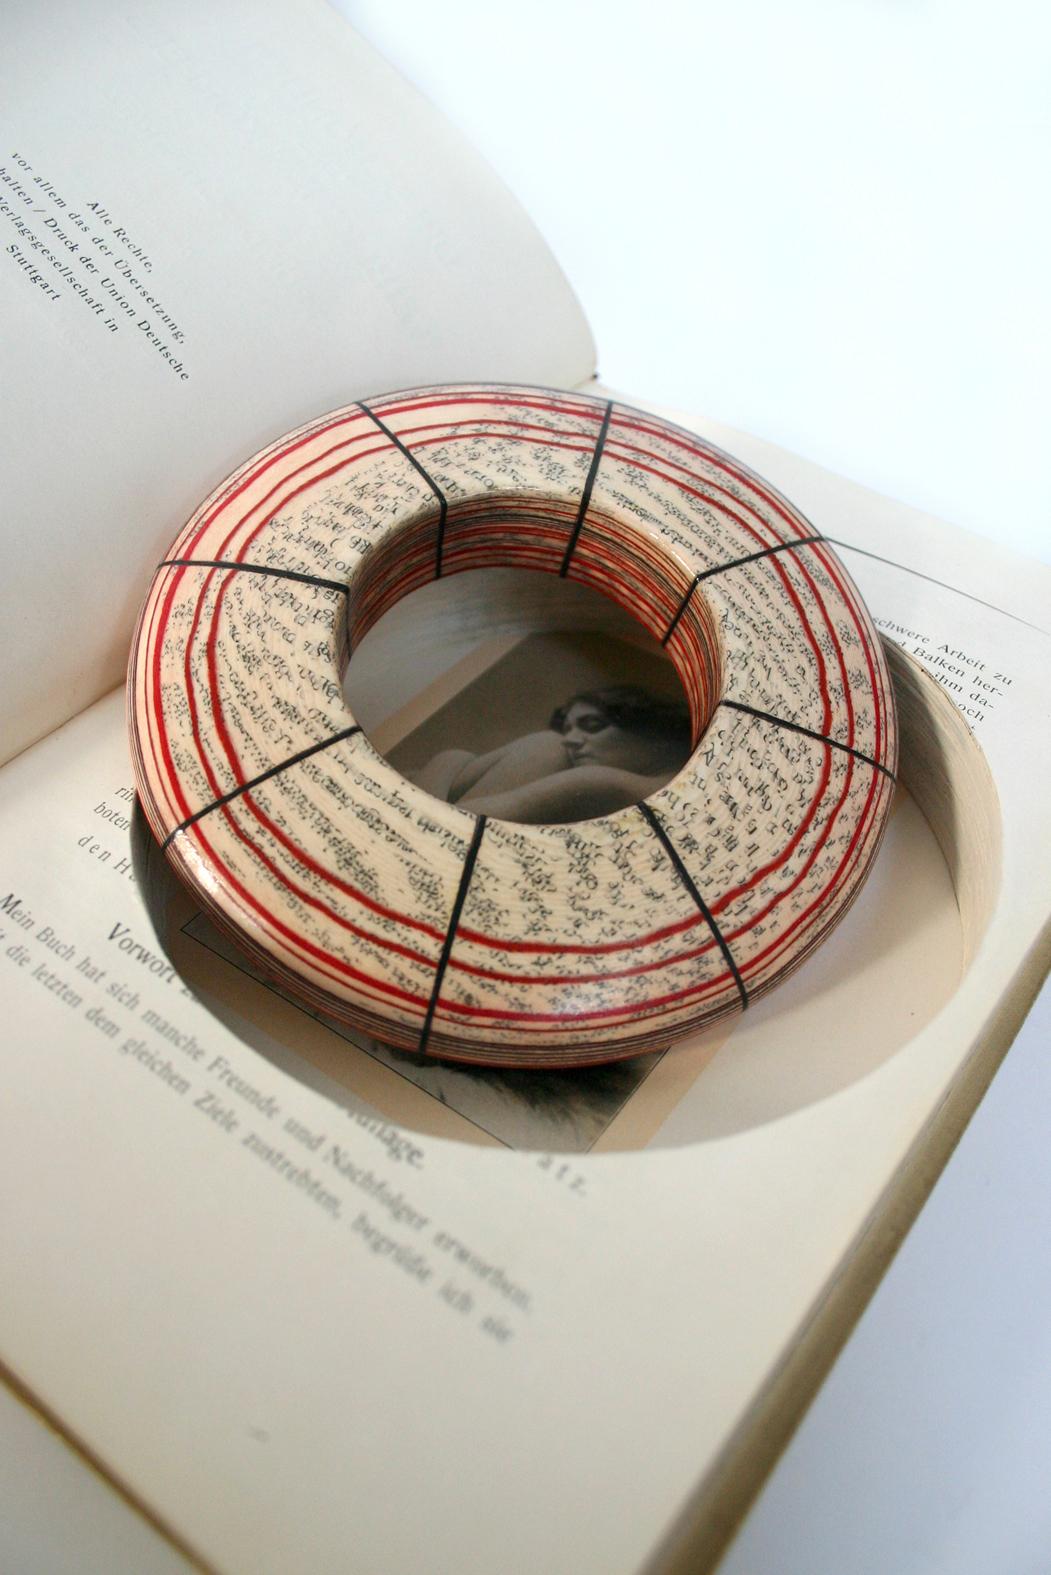 045-book-w